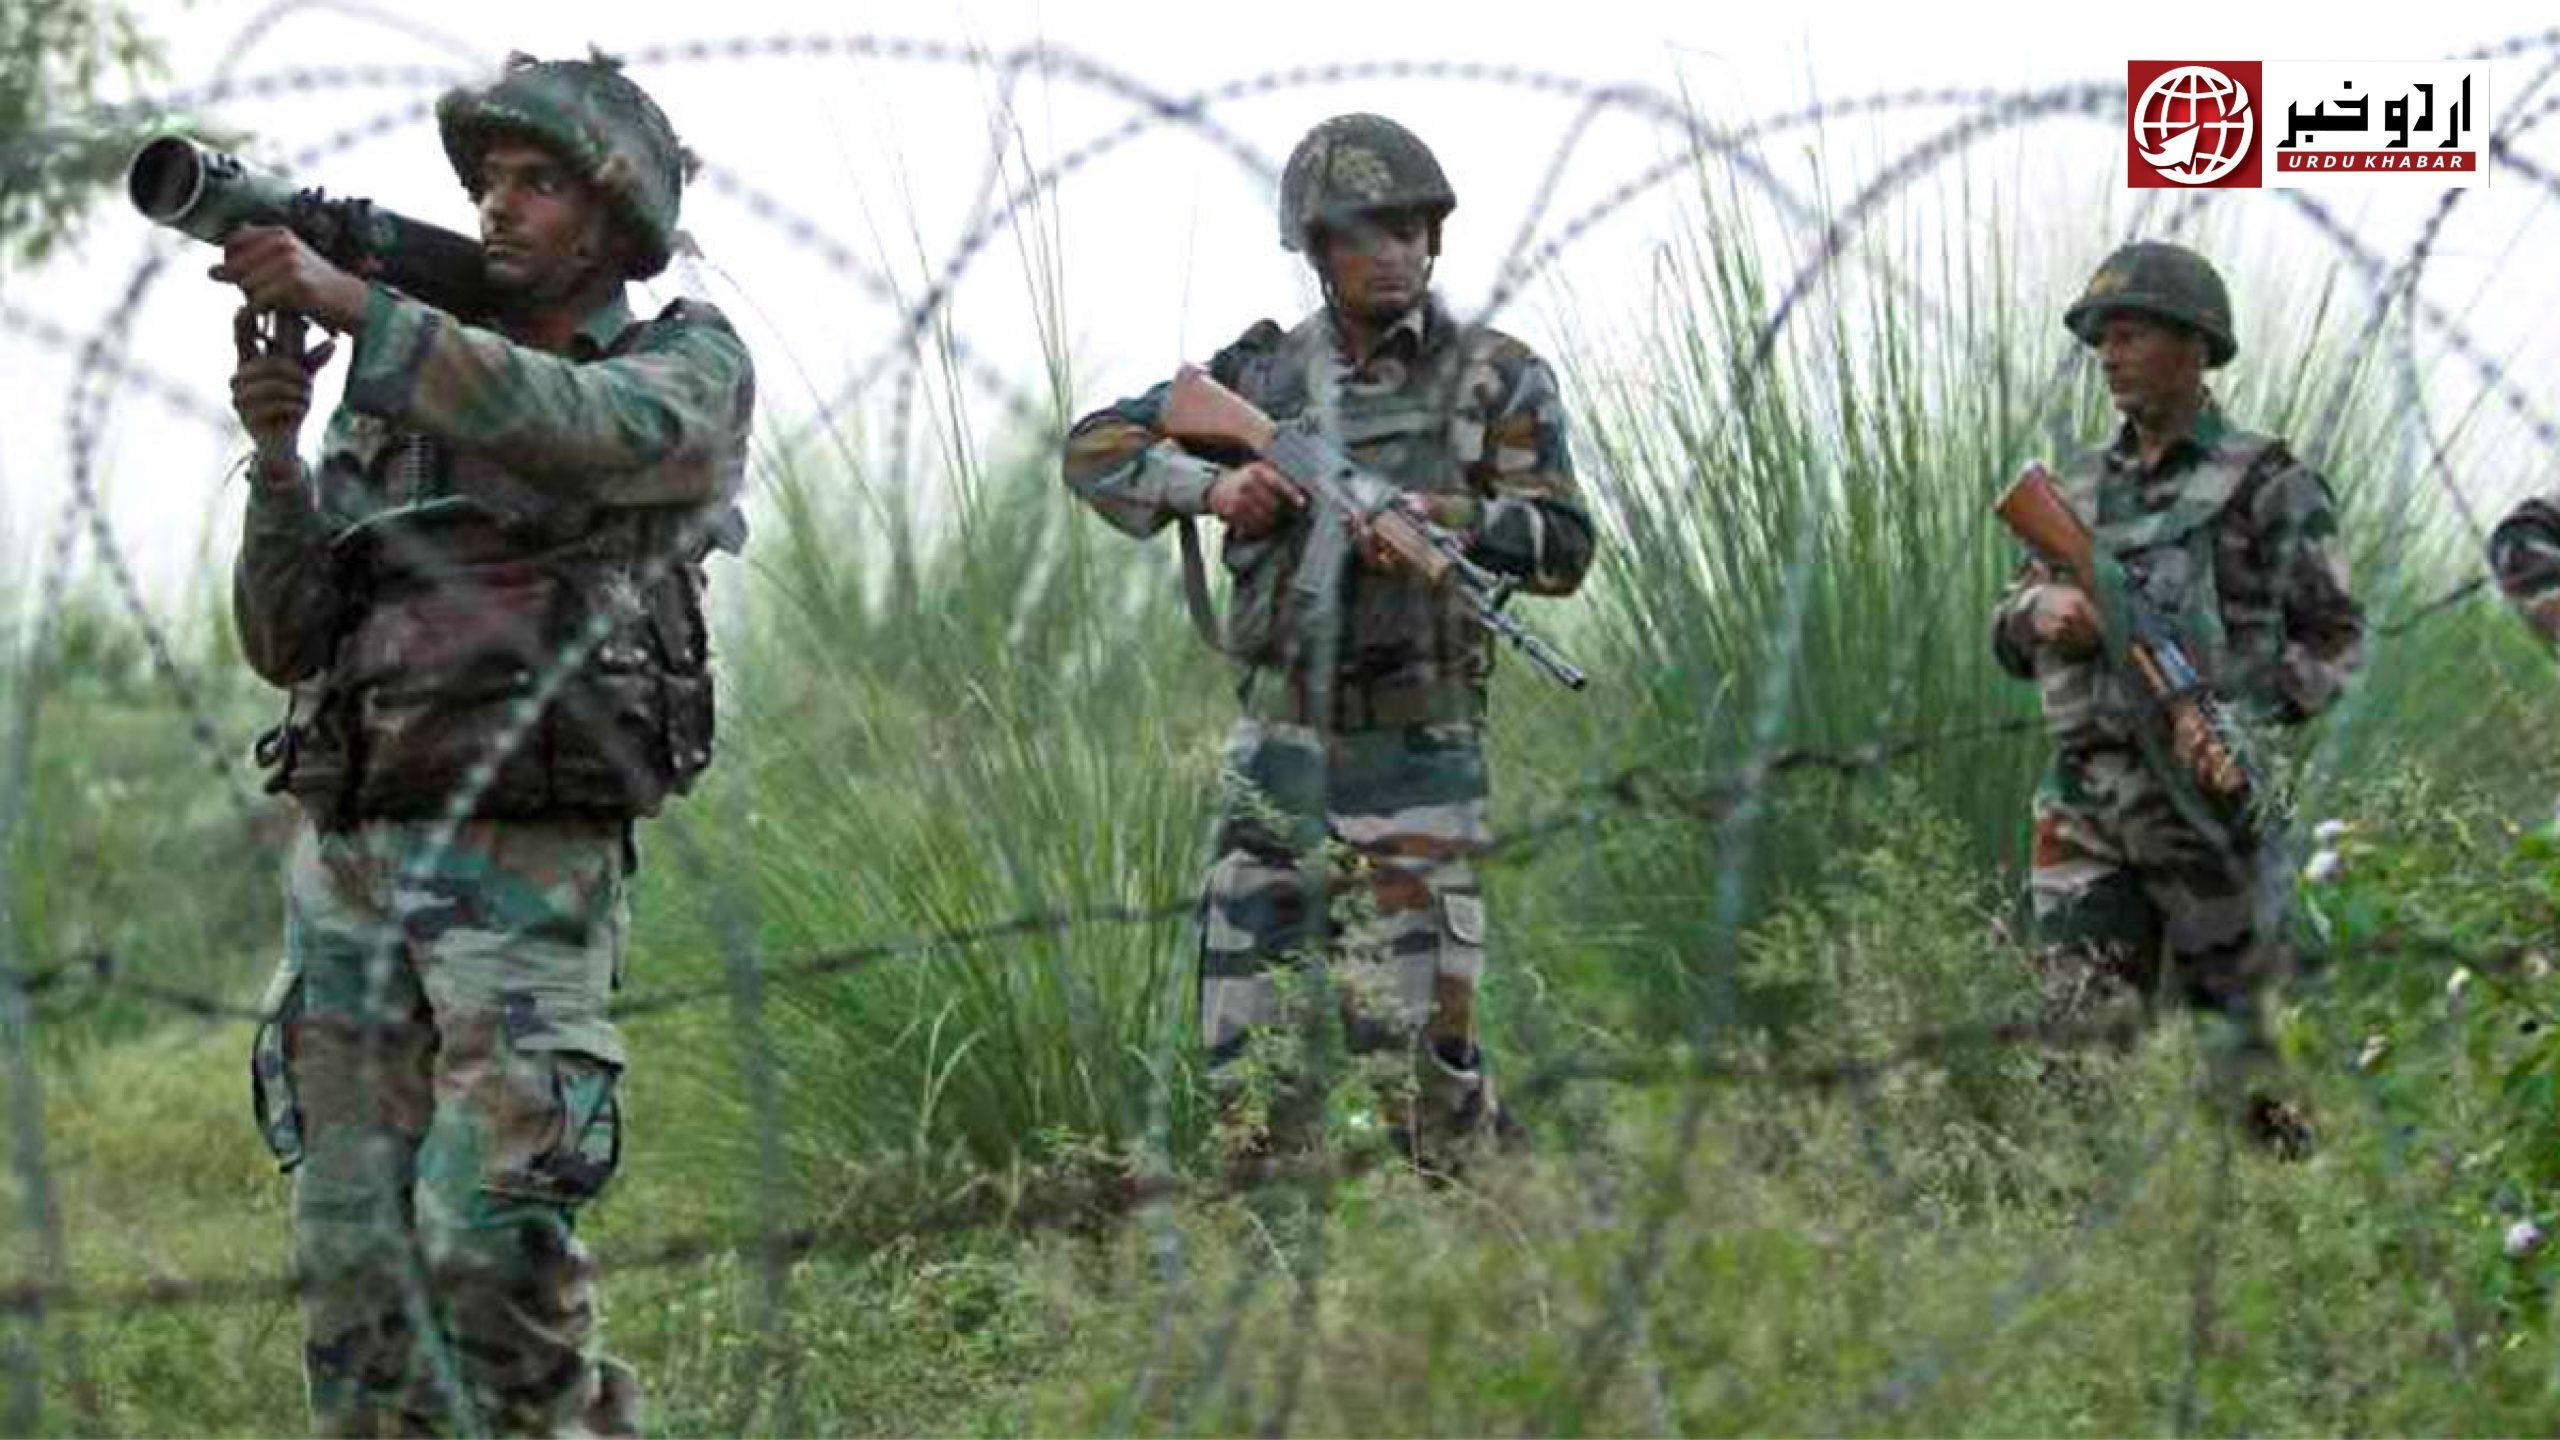 ایل او سی: بھارتی فوج کی بلا اشتعال فائرنگ سےایک جوان سمیت پانچ شہید